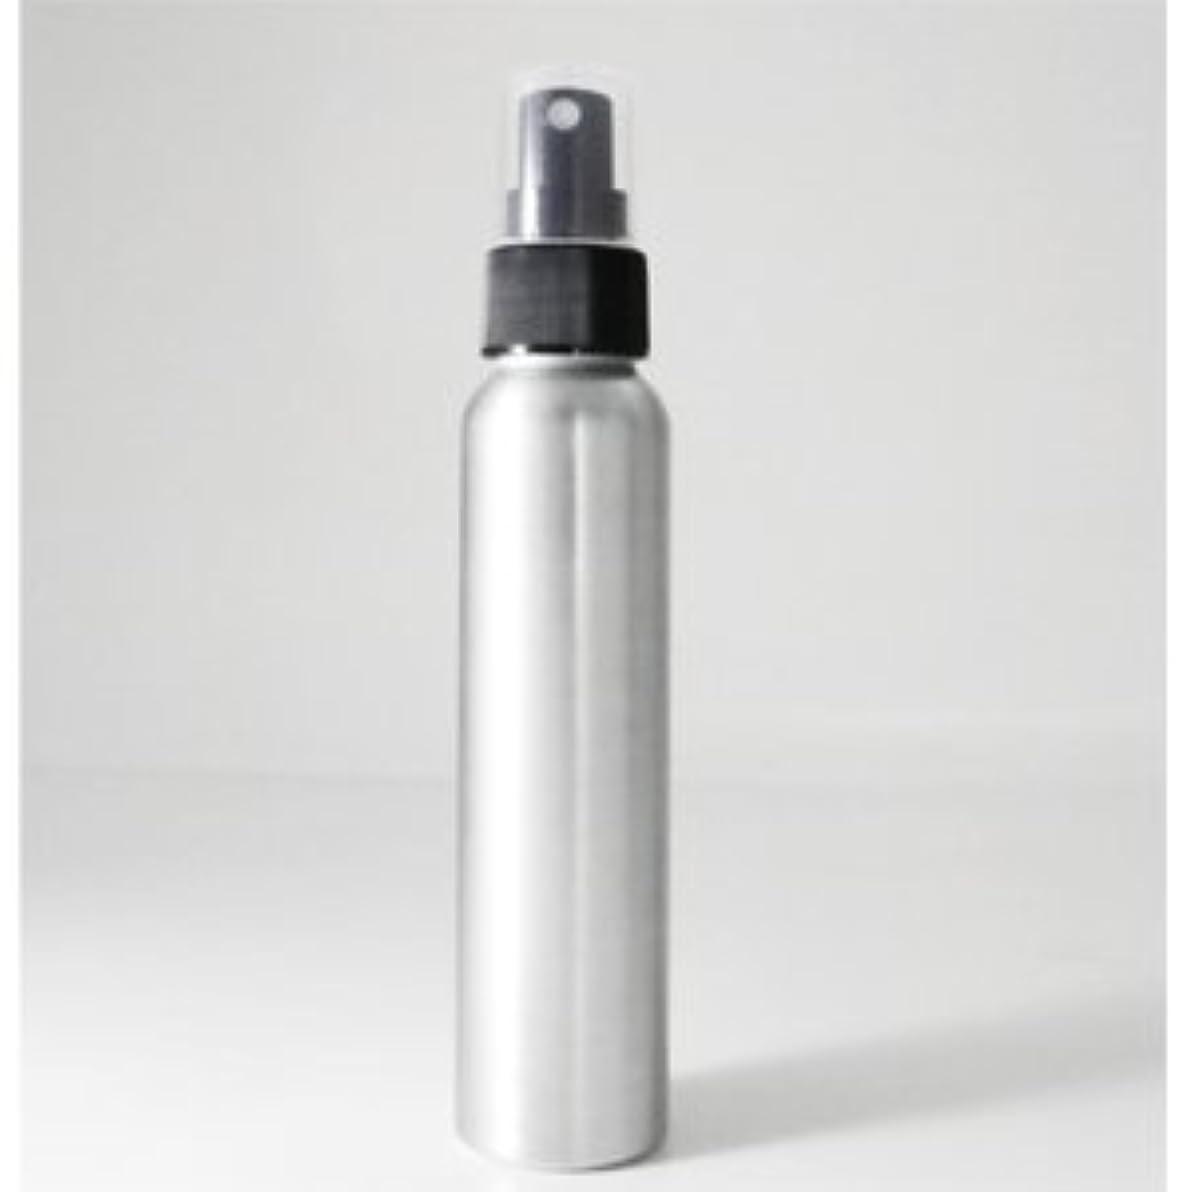 オークゾーン聴くアルミボトル スプレー容器 化粧品容器 100ml